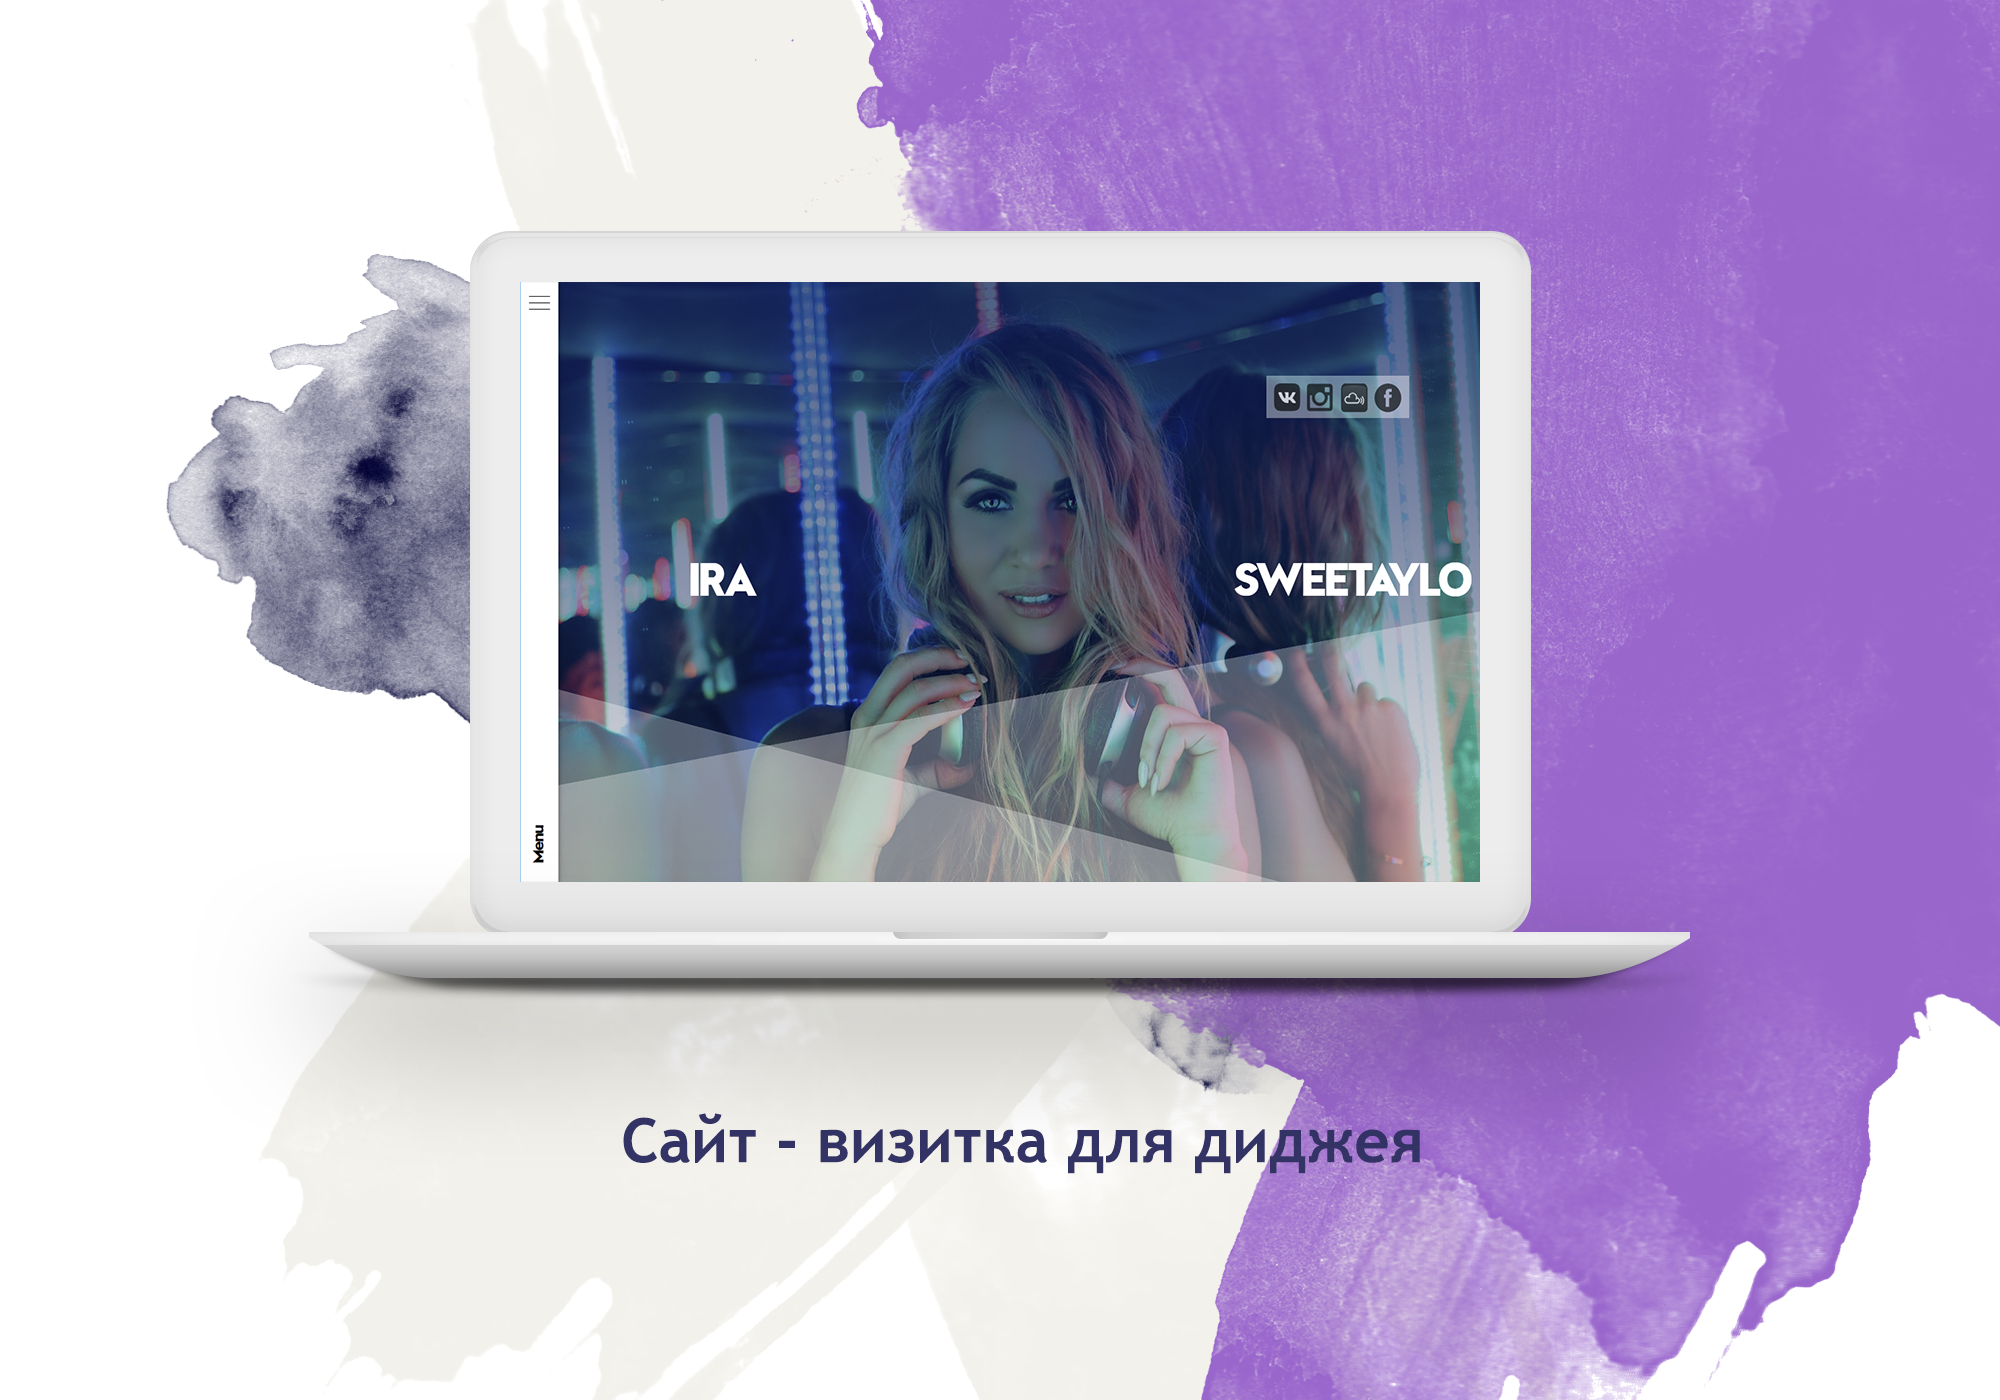 Сайты фриланс для моделей удаленная работа переводчик украинского языка